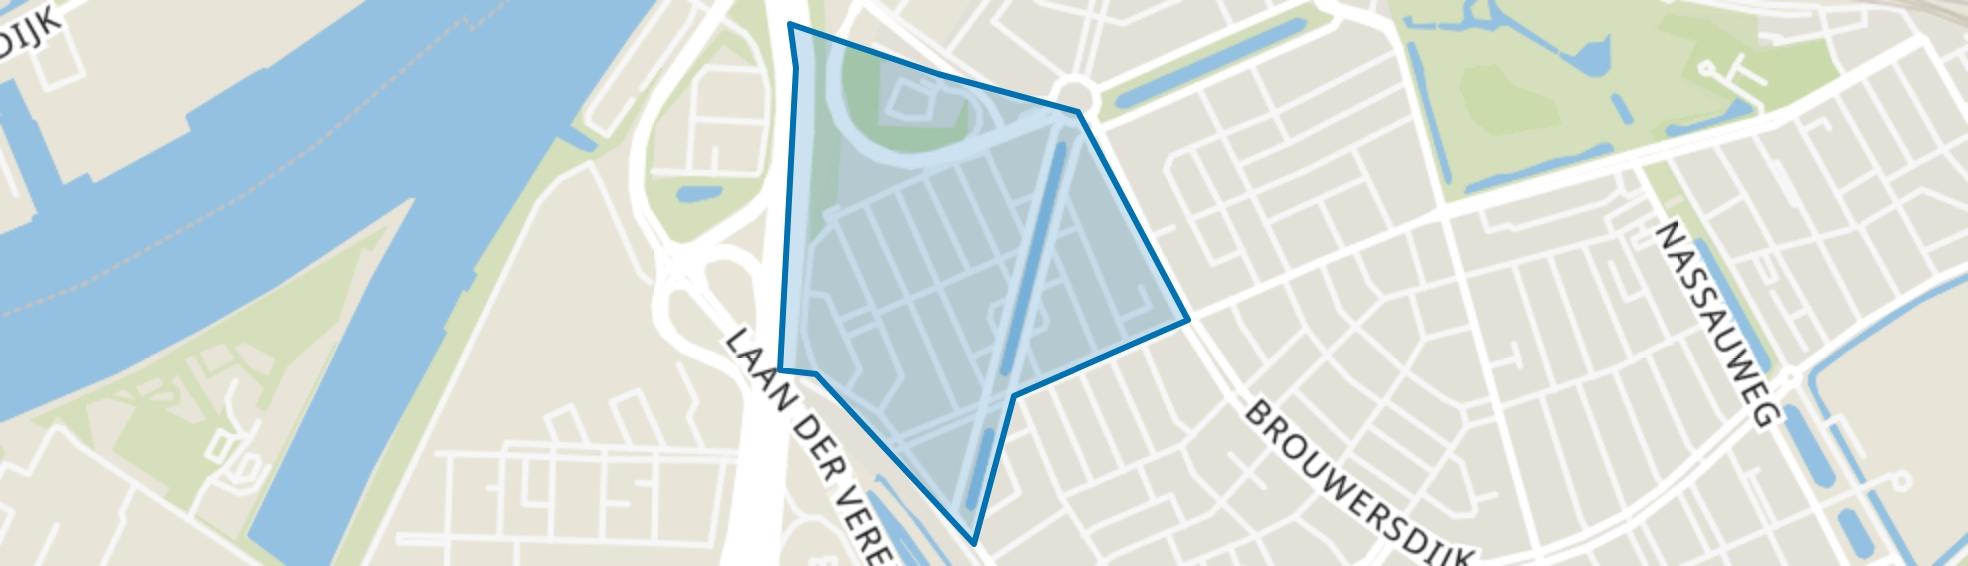 Viottakade en omgeving, Dordrecht map